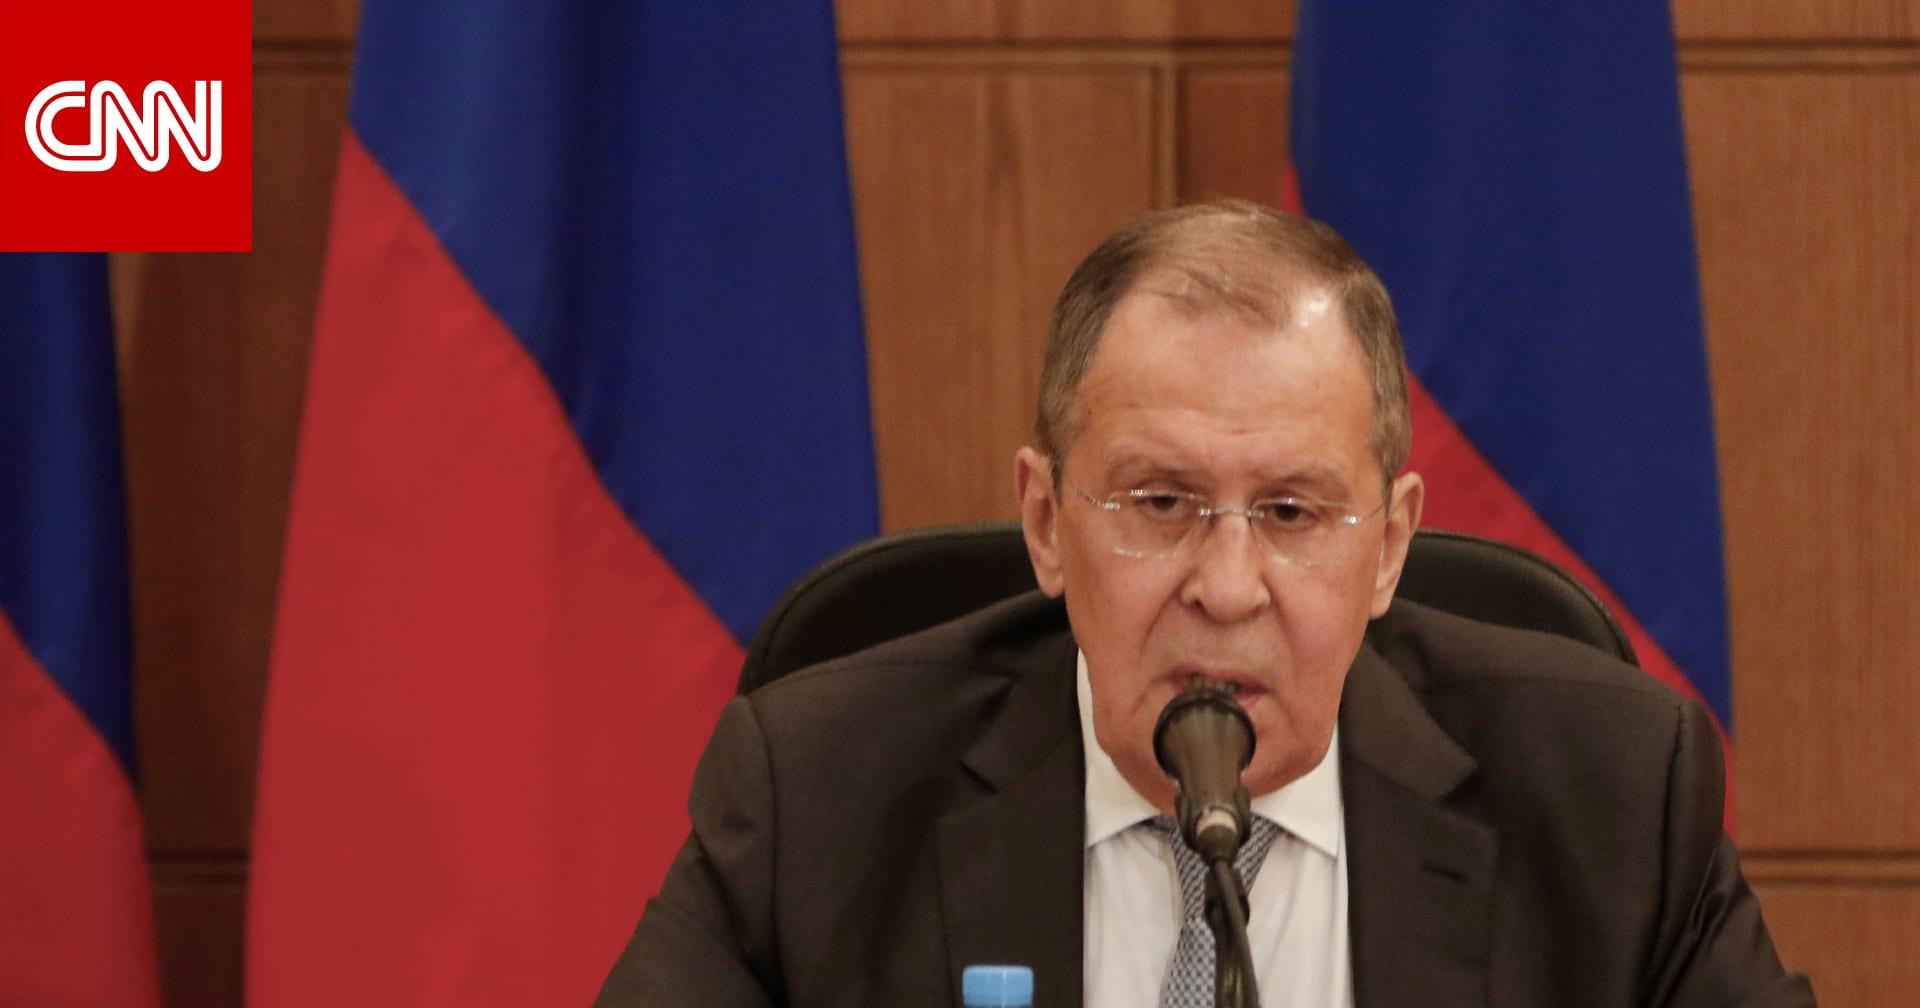 روسيا توصي السفير الأمريكي لدى روسيا بالعودة إلى واشنطن